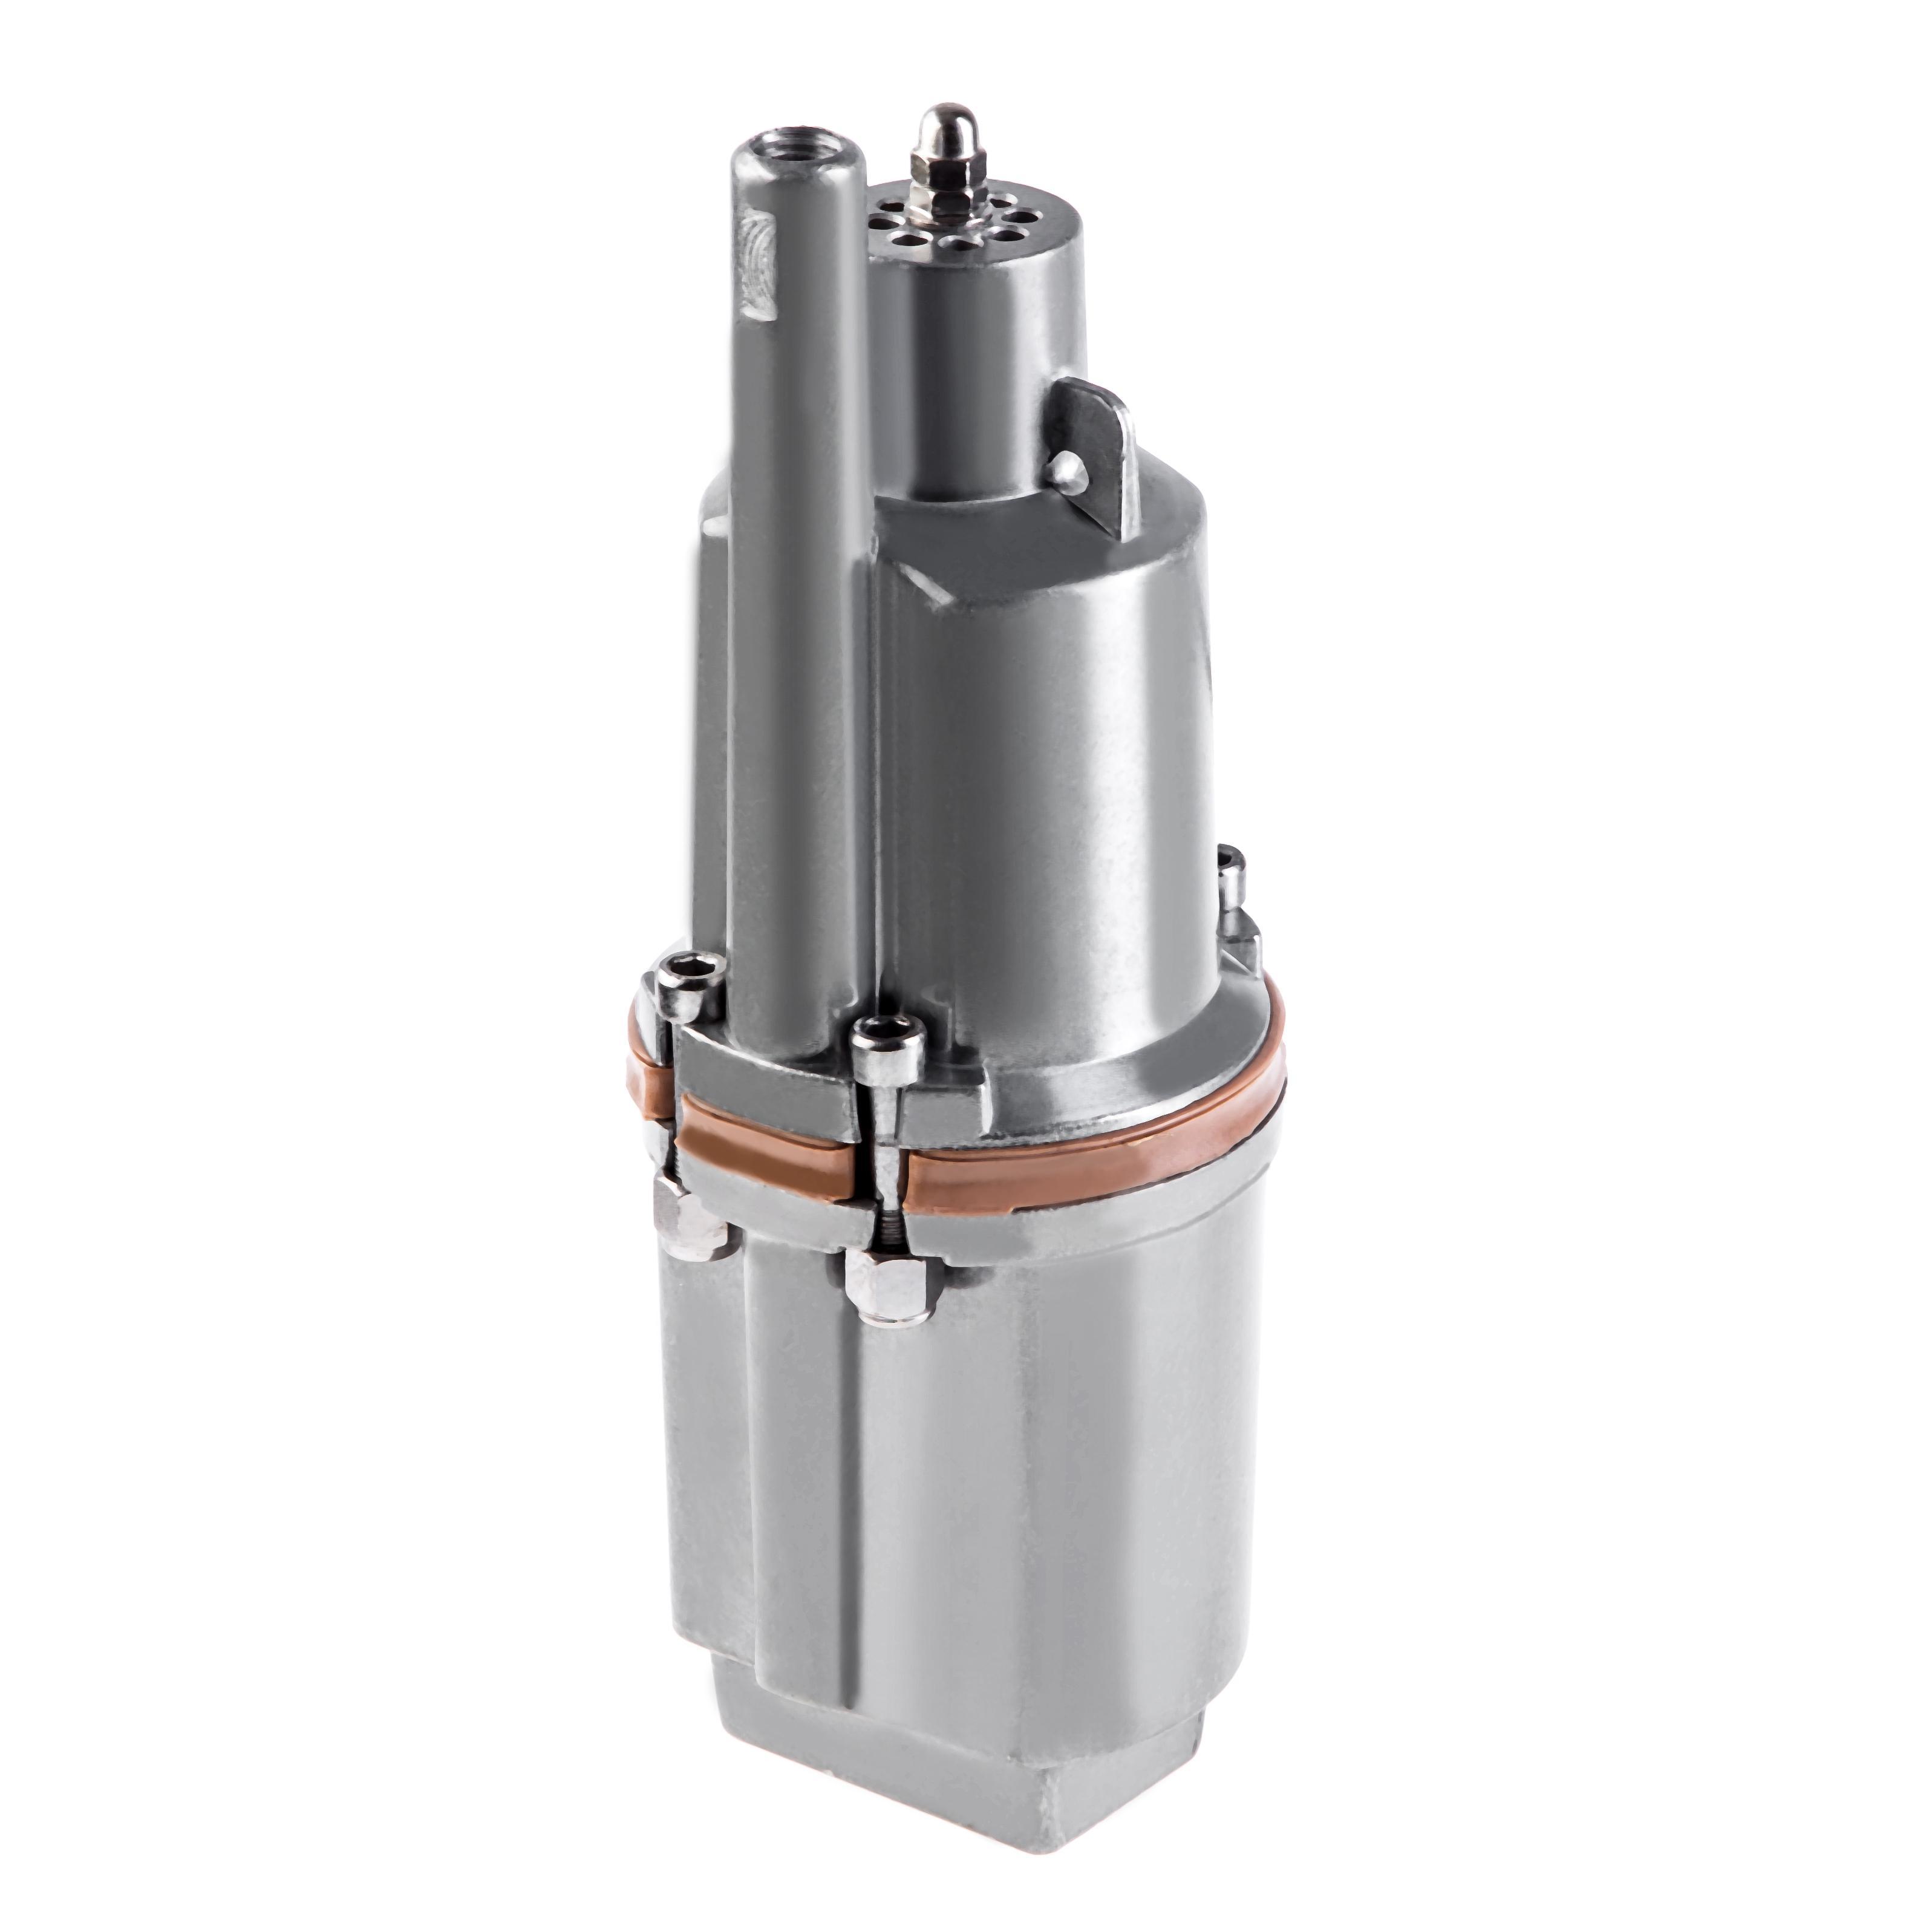 все цены на Погружной вибрационный насос Hammer Nap200 (25)